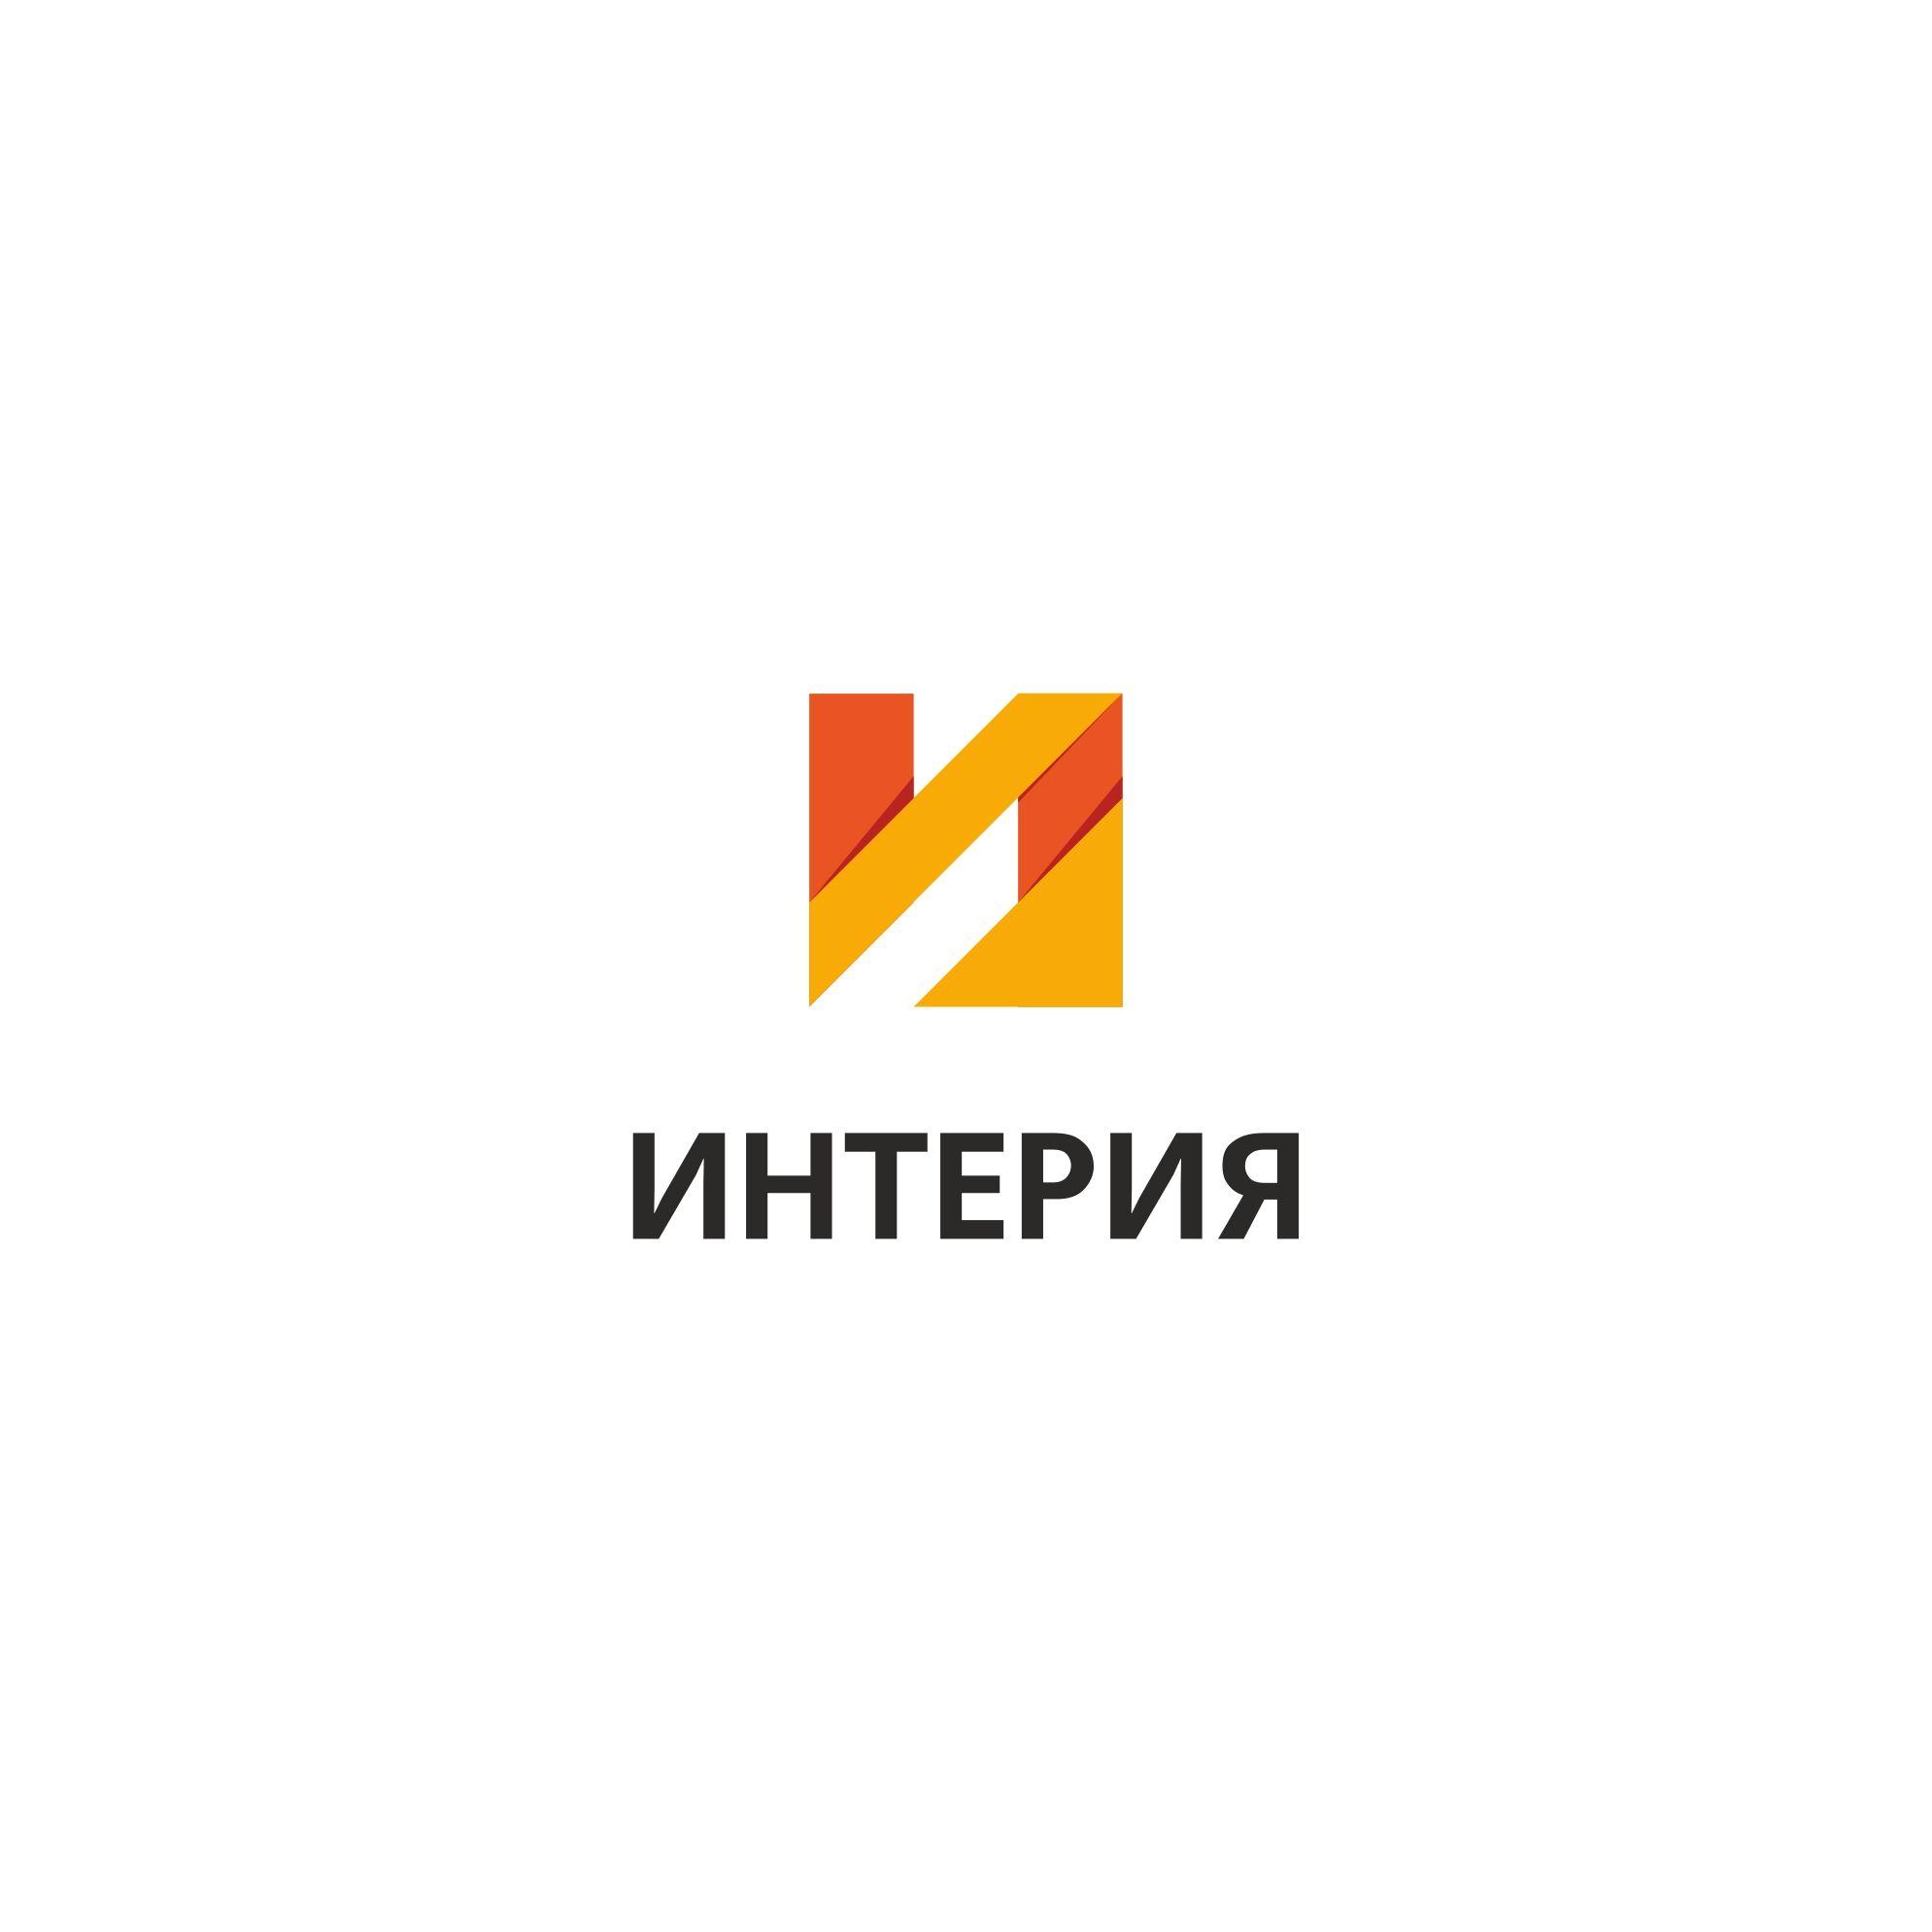 Логотип мебельной компании - дизайнер AlexSh1978